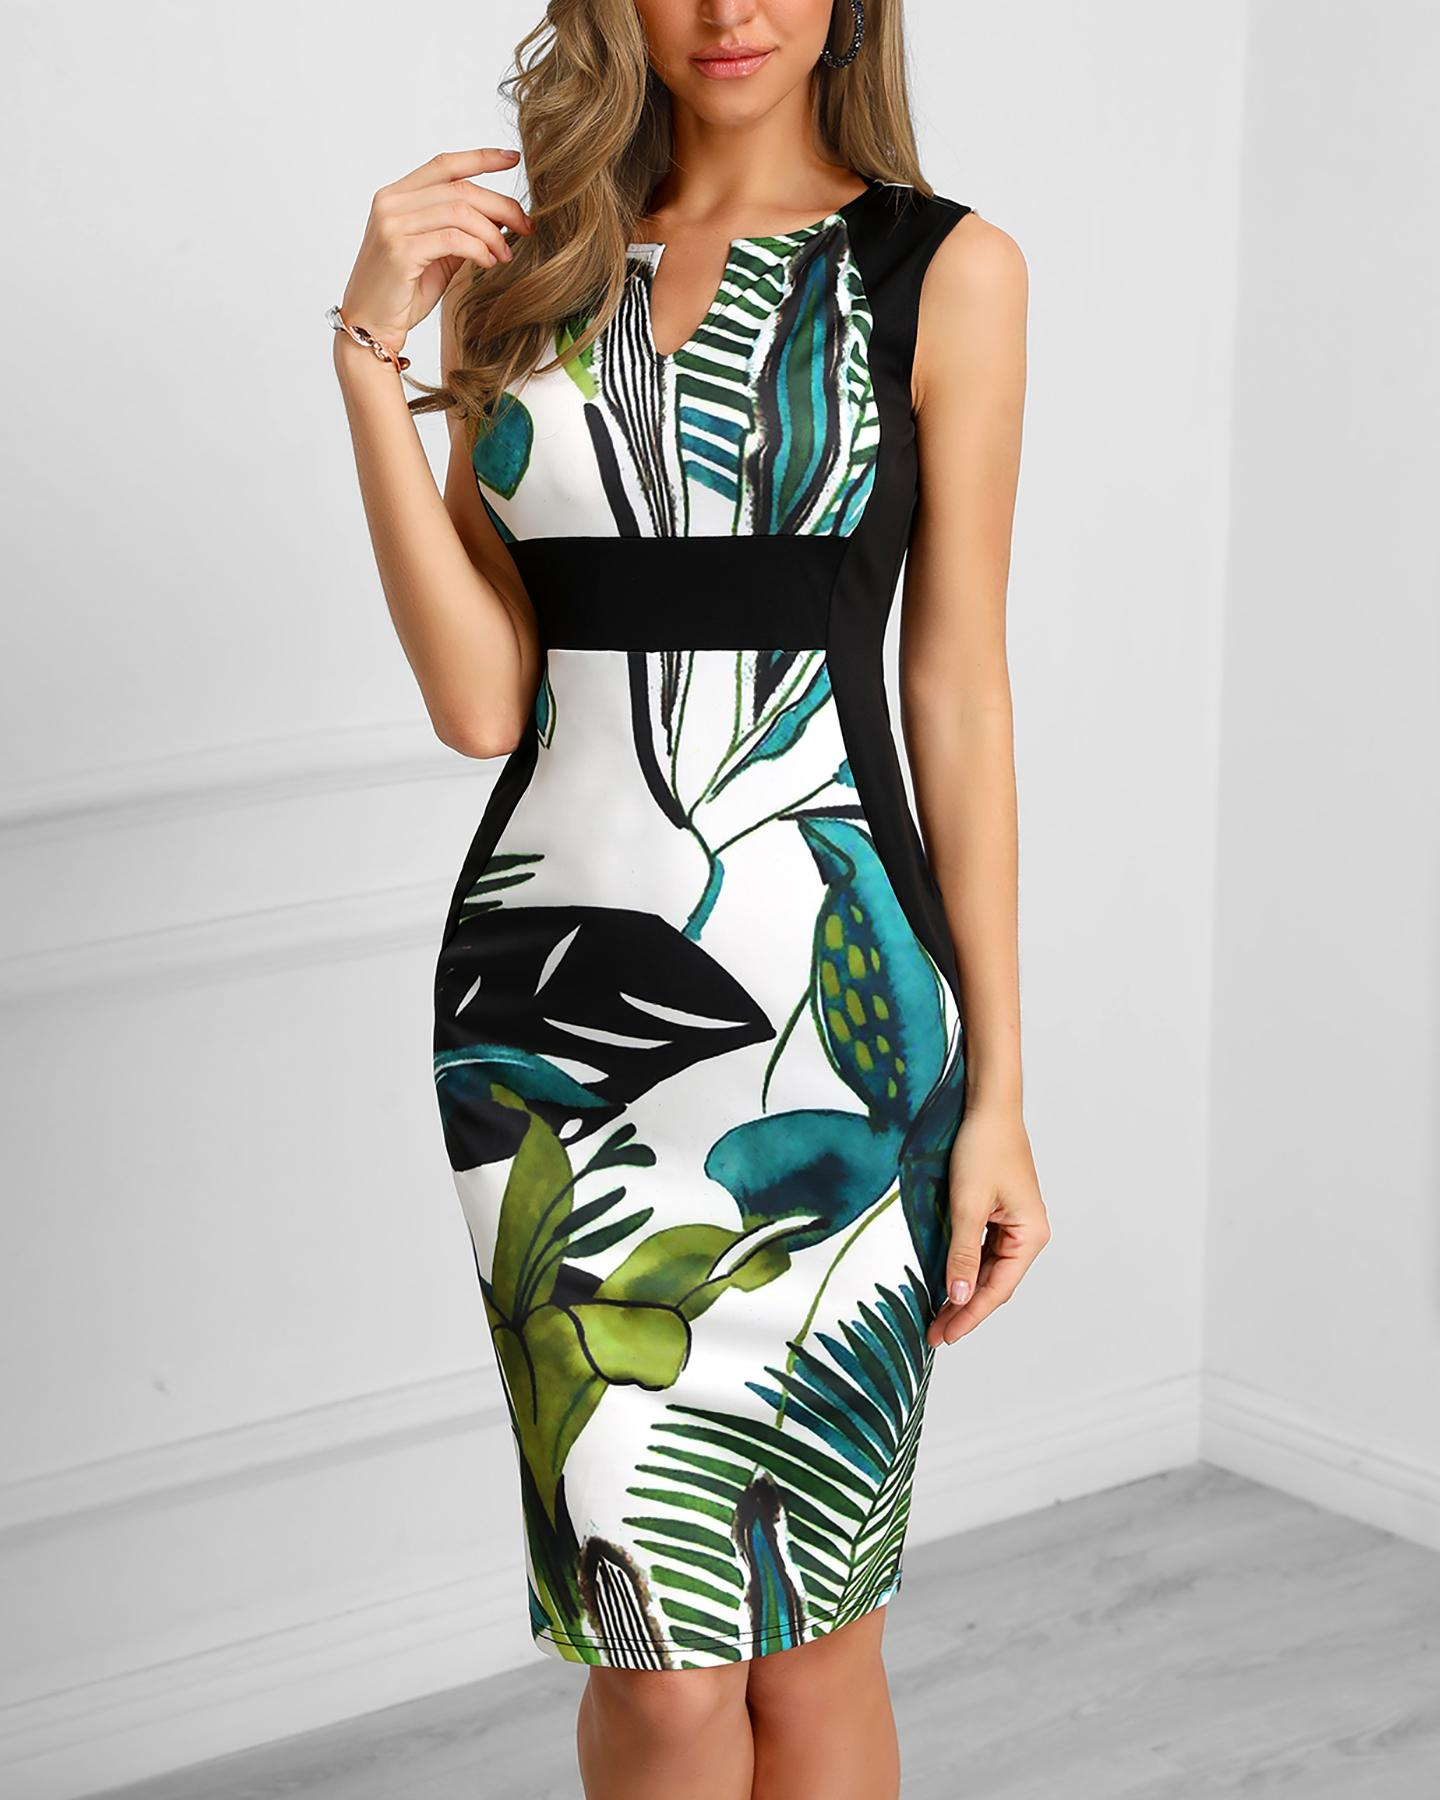 boutiquefeel / Vestido ajustado con aplicación de estampado de hojas